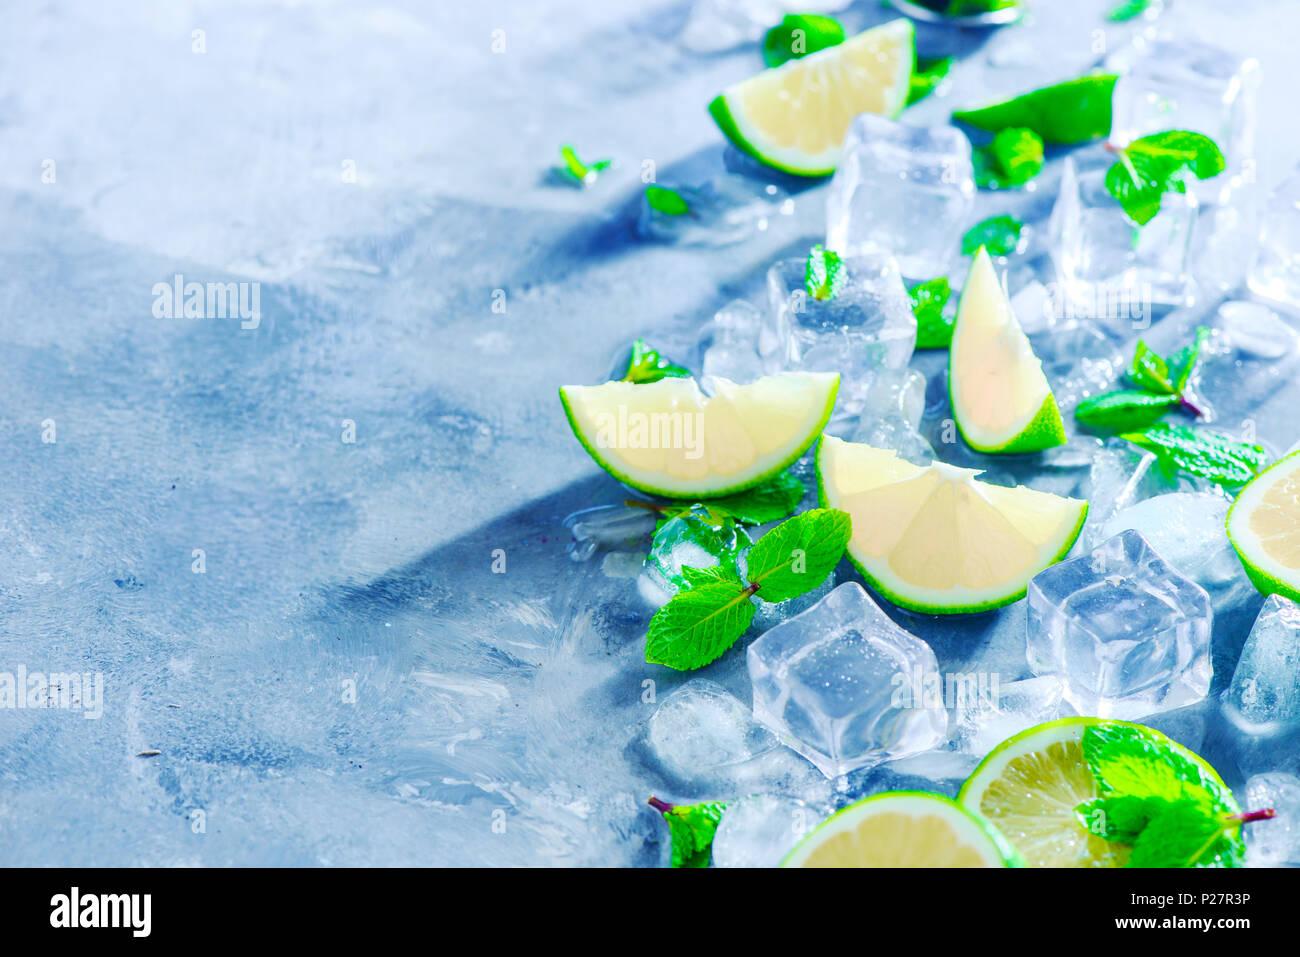 Minze, Limette und Eiswürfel, Mojito cocktail Zutaten Header mit kopieren. Die sommer Getränke close-up. Sonnenlicht und Erfrischung Konzept. Stockbild